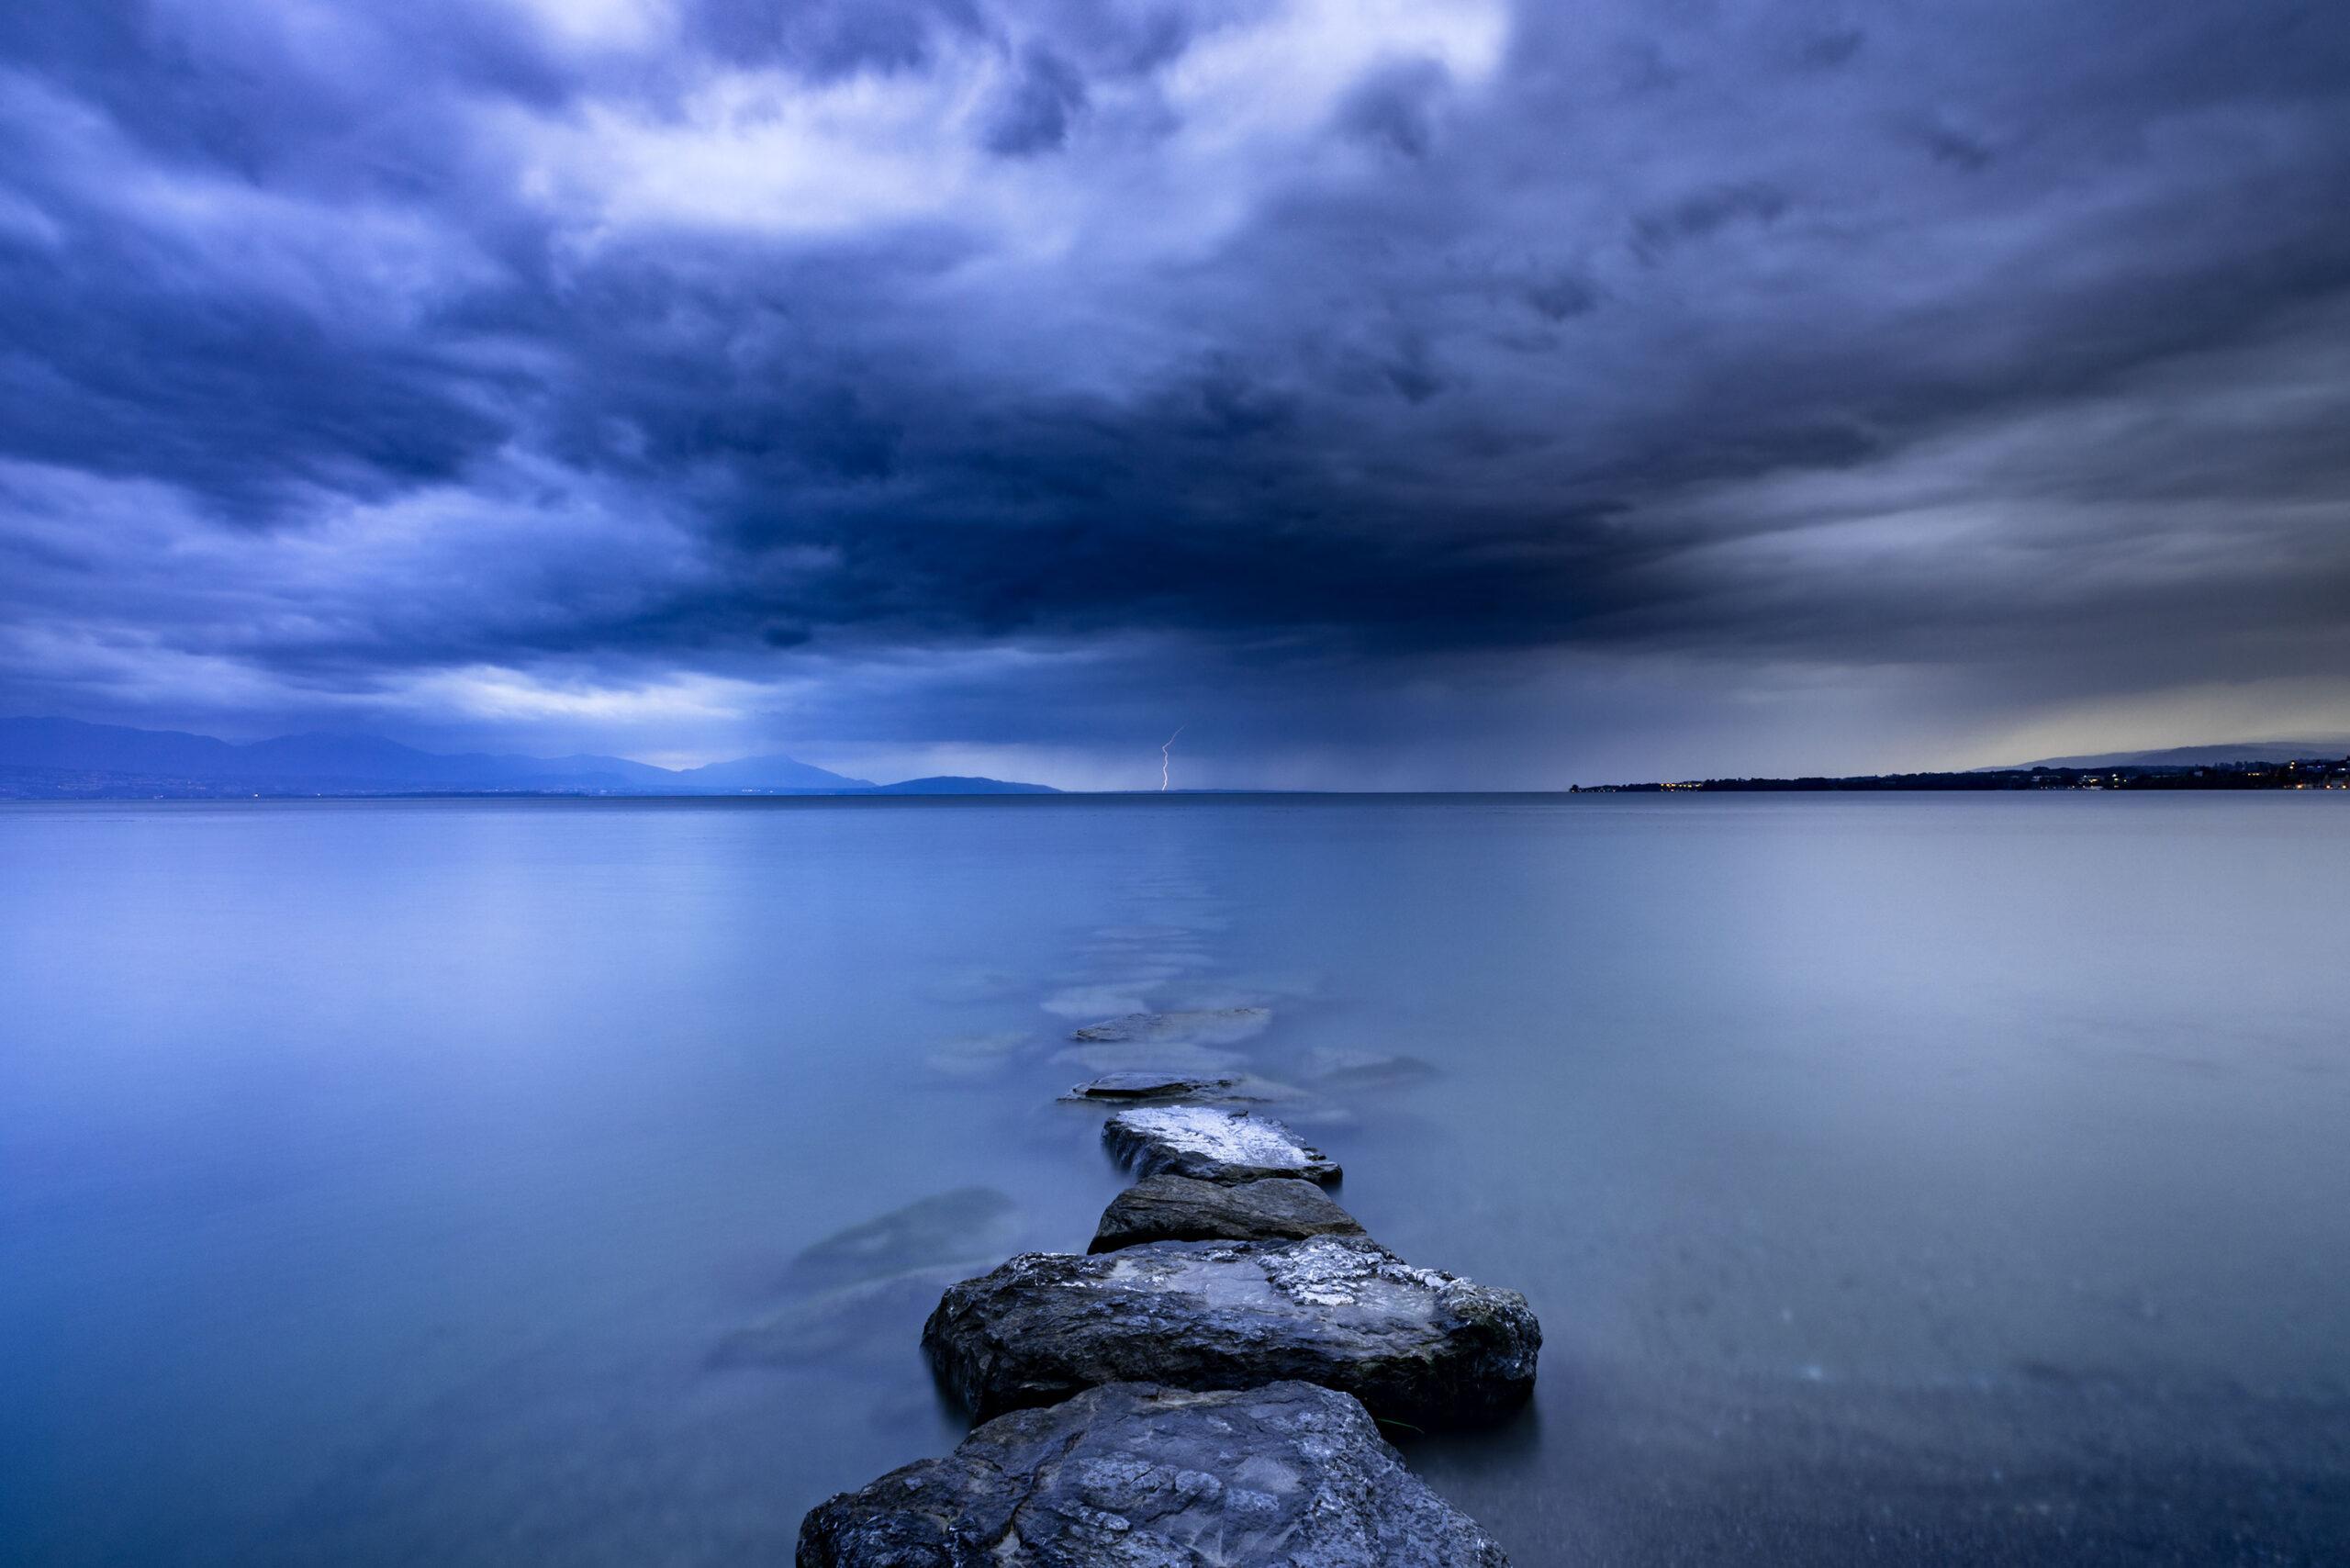 Landscape photography of a thunder storm over the Lake Geneva. Image by Jennifer Esseiva.